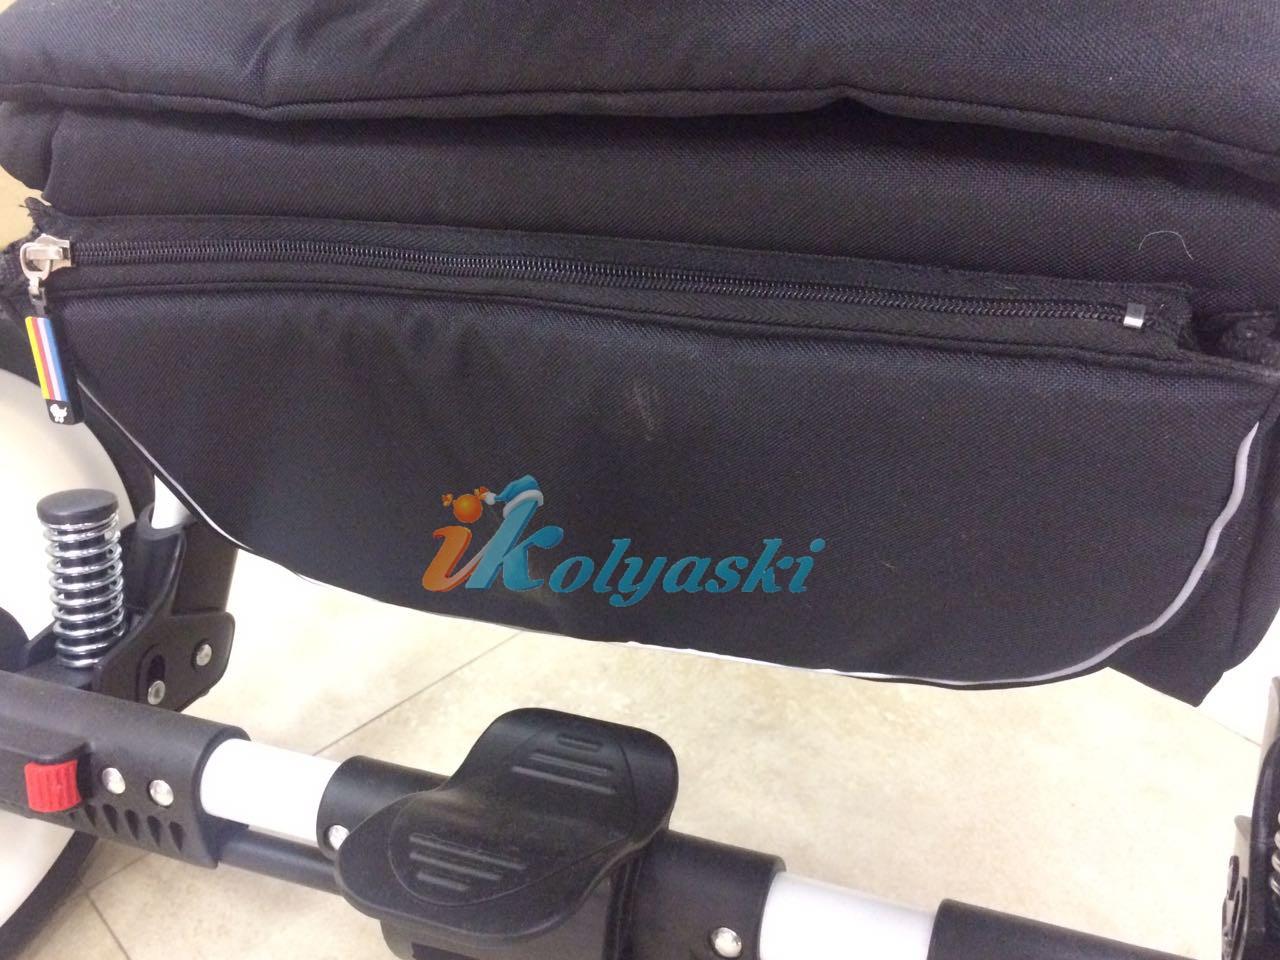 Little Trek Avenir фирменная, оригинальная, Детская спальная коляска для новорожденных два в одном 2 в 1 Литтл Трек Авенир. 4 нижних амортизатора - металлические пружины, дающие дополнительную мягкость коляске